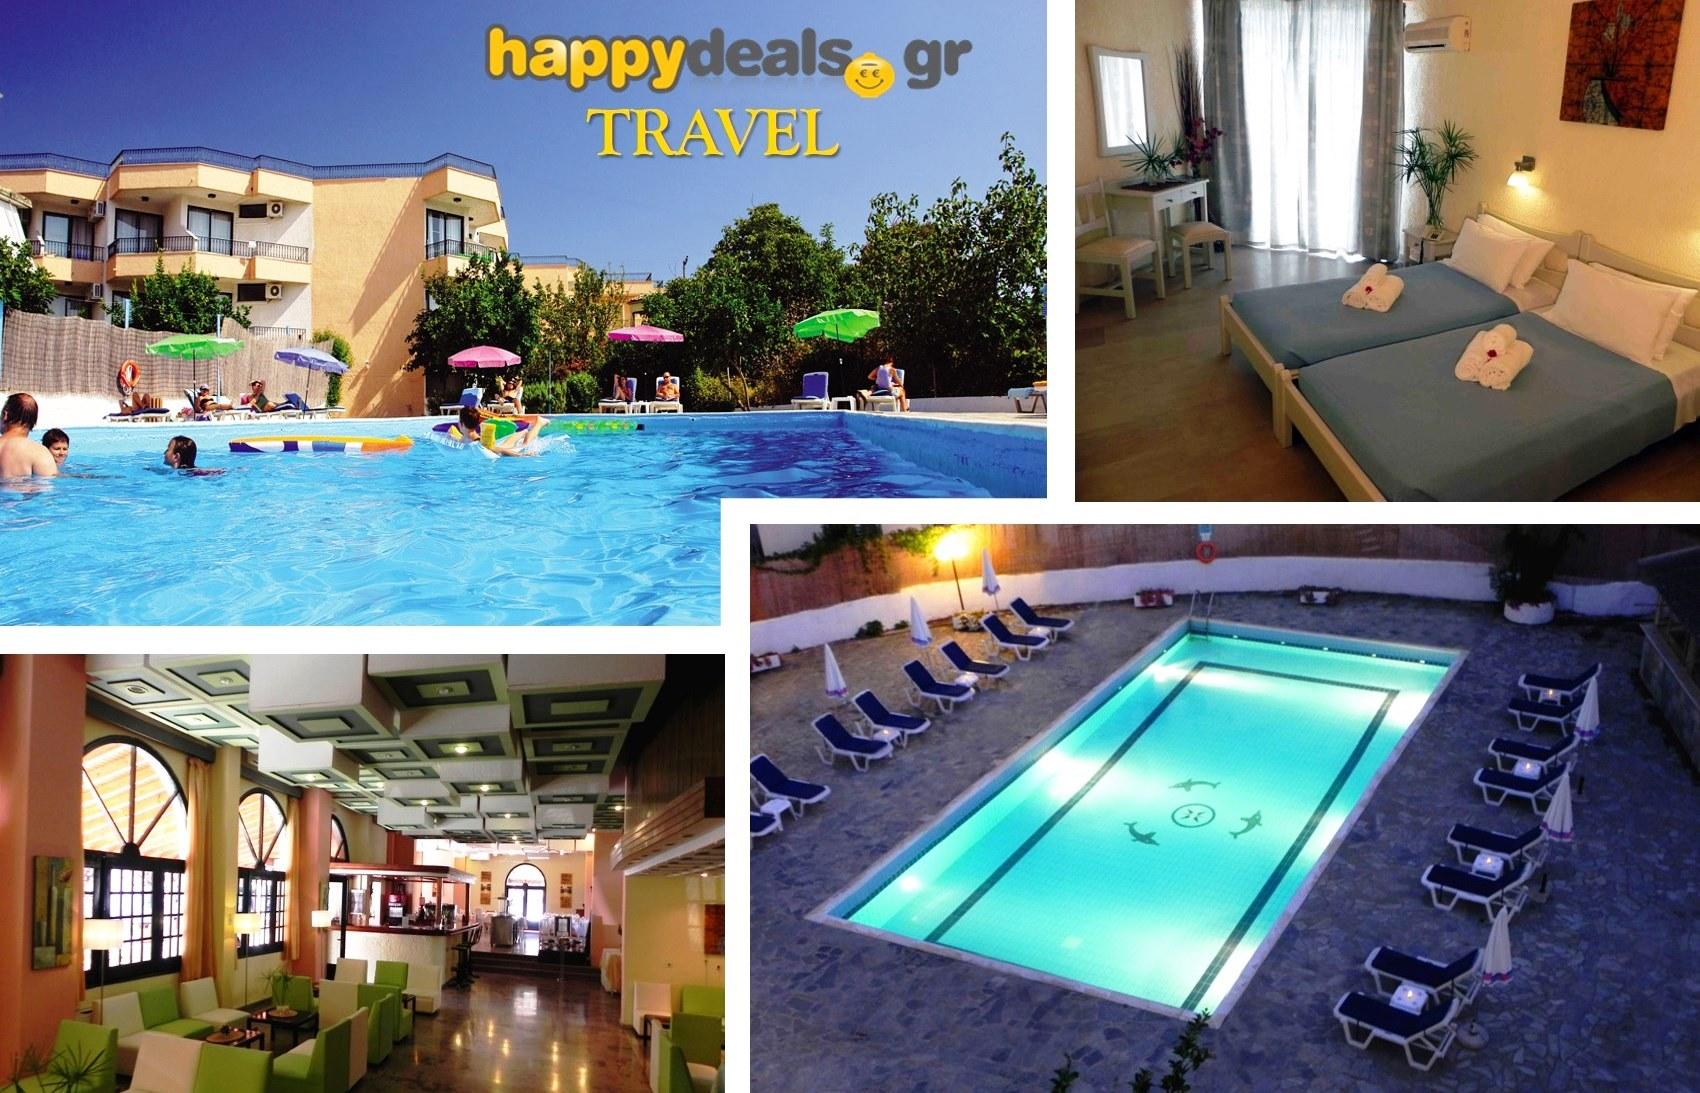 Διακοπές στην ΚΕΡΚΥΡΑ: Από 95€ για 5ήμερη απόδραση, με Ημιδιατροφή, στο υπέροχο ''Alkionis Hotel'', στα Μωραίτικα εικόνα